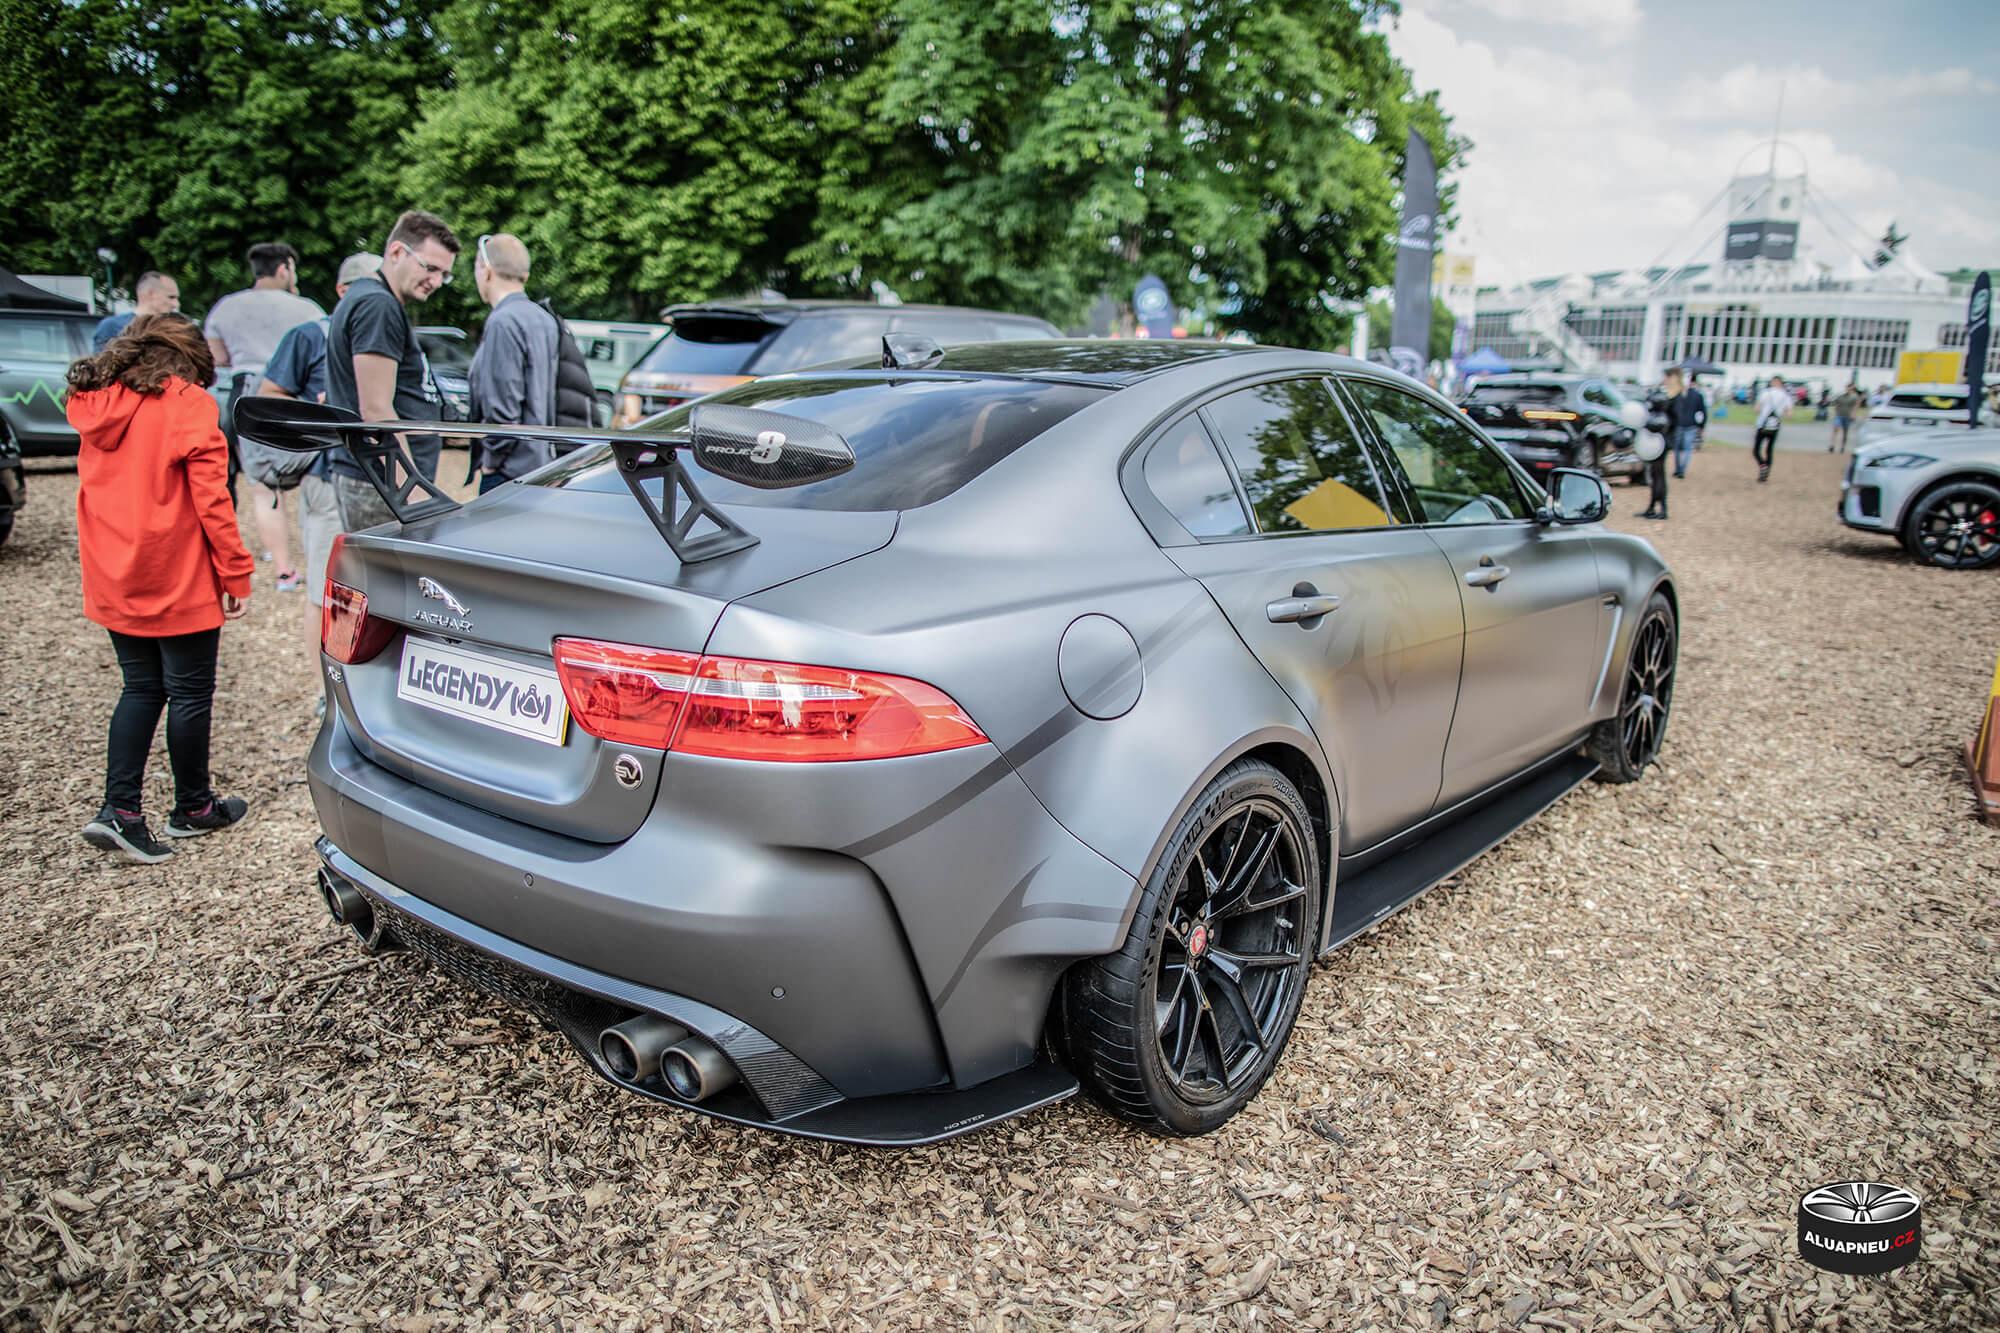 Jaguar wing - Automobilové Legendy 2019 - www.aluapneu.cz